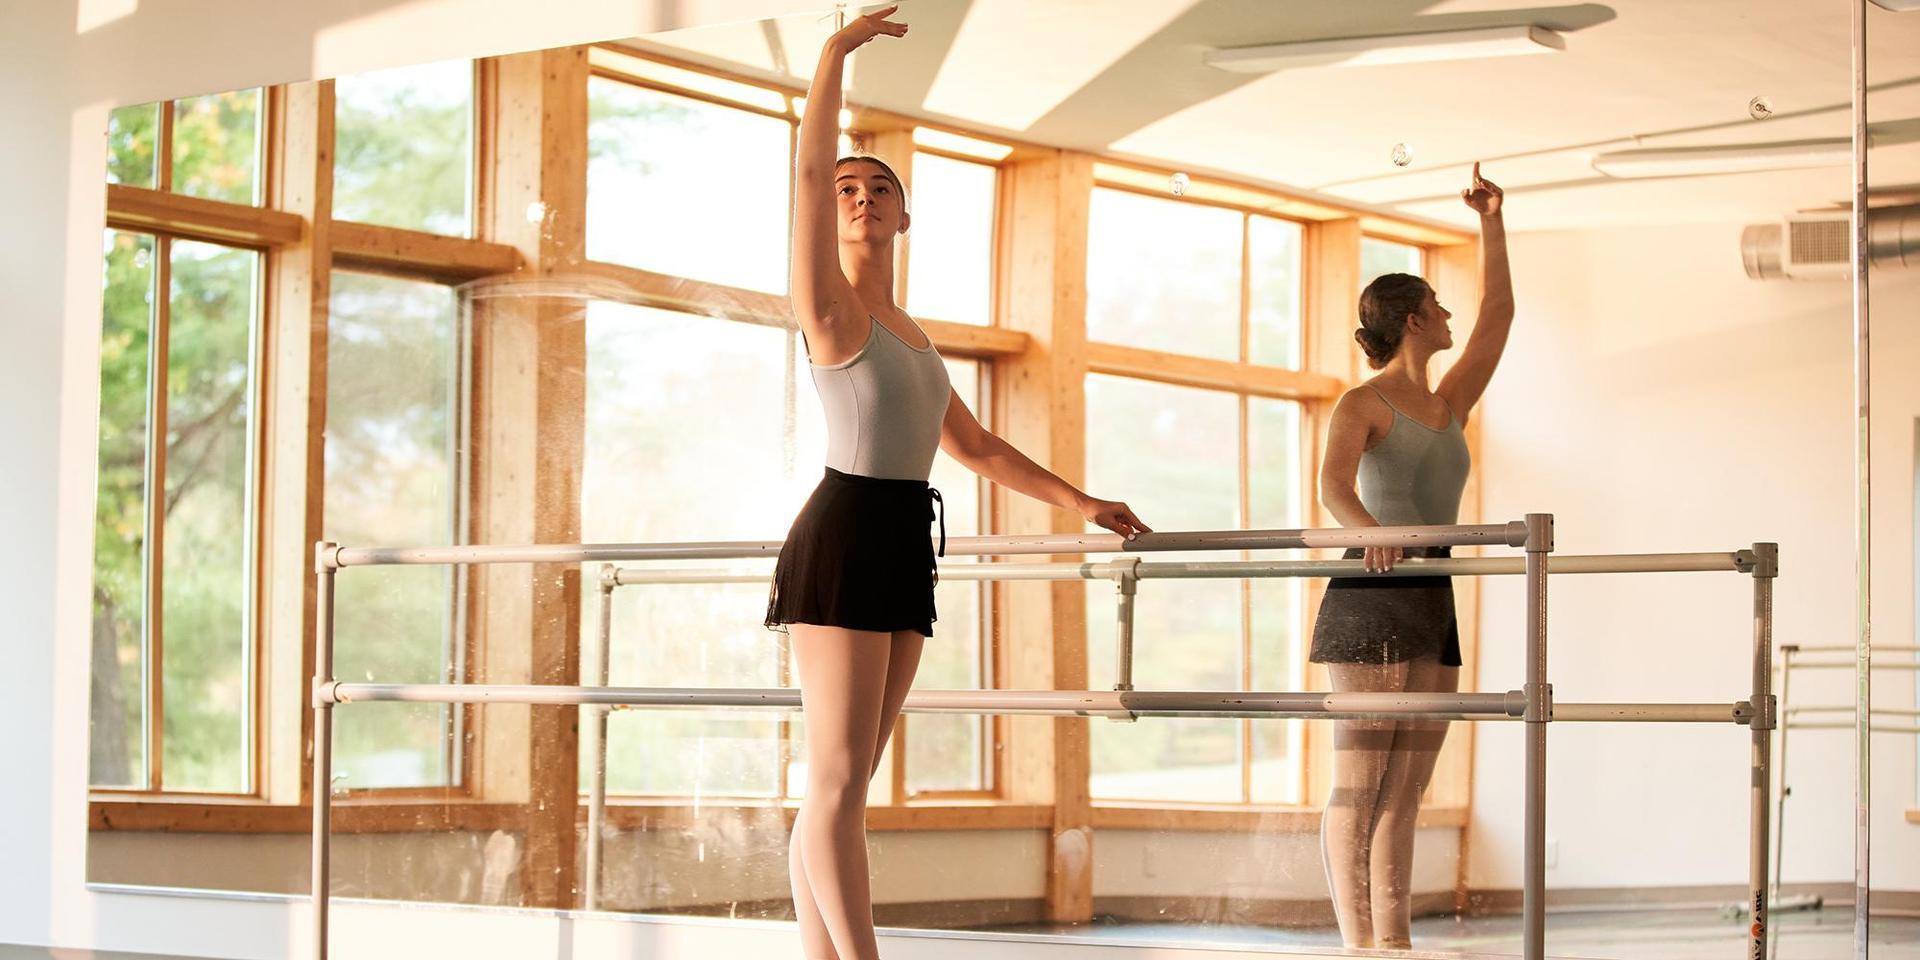 一名学生在创意边缘舞蹈工作室练习.